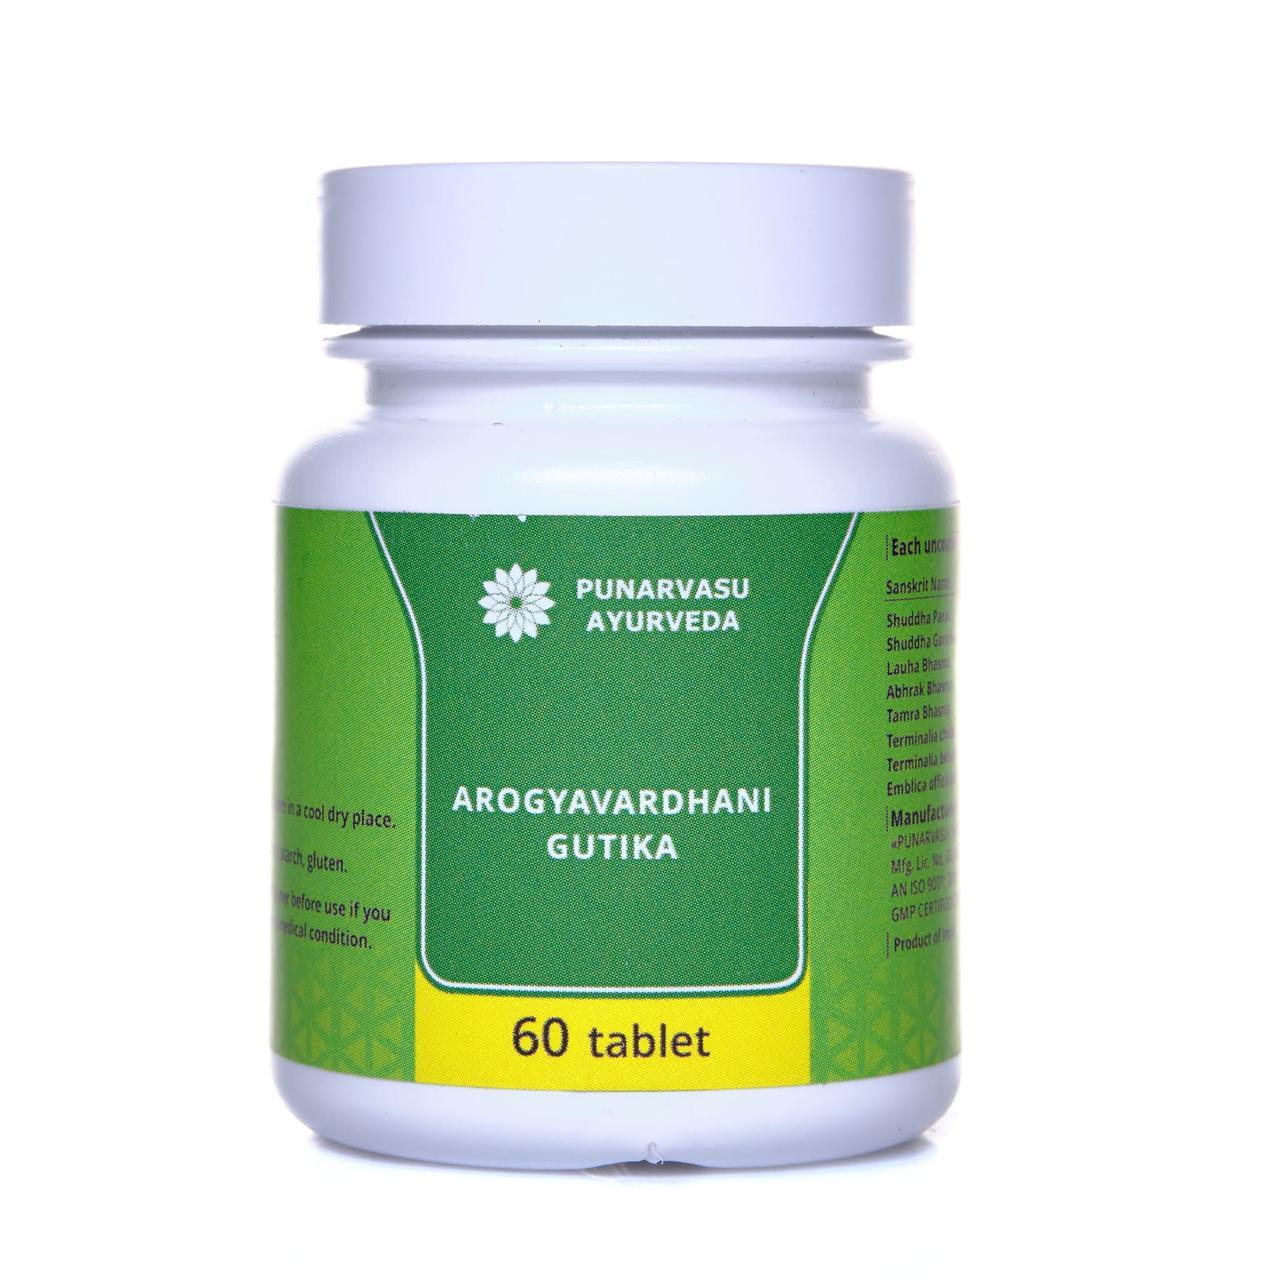 Арогья вардхини гутика / Arogyavardhani gutika - гепатопротектор, желчегонное, вирусные и кожные заболевания -